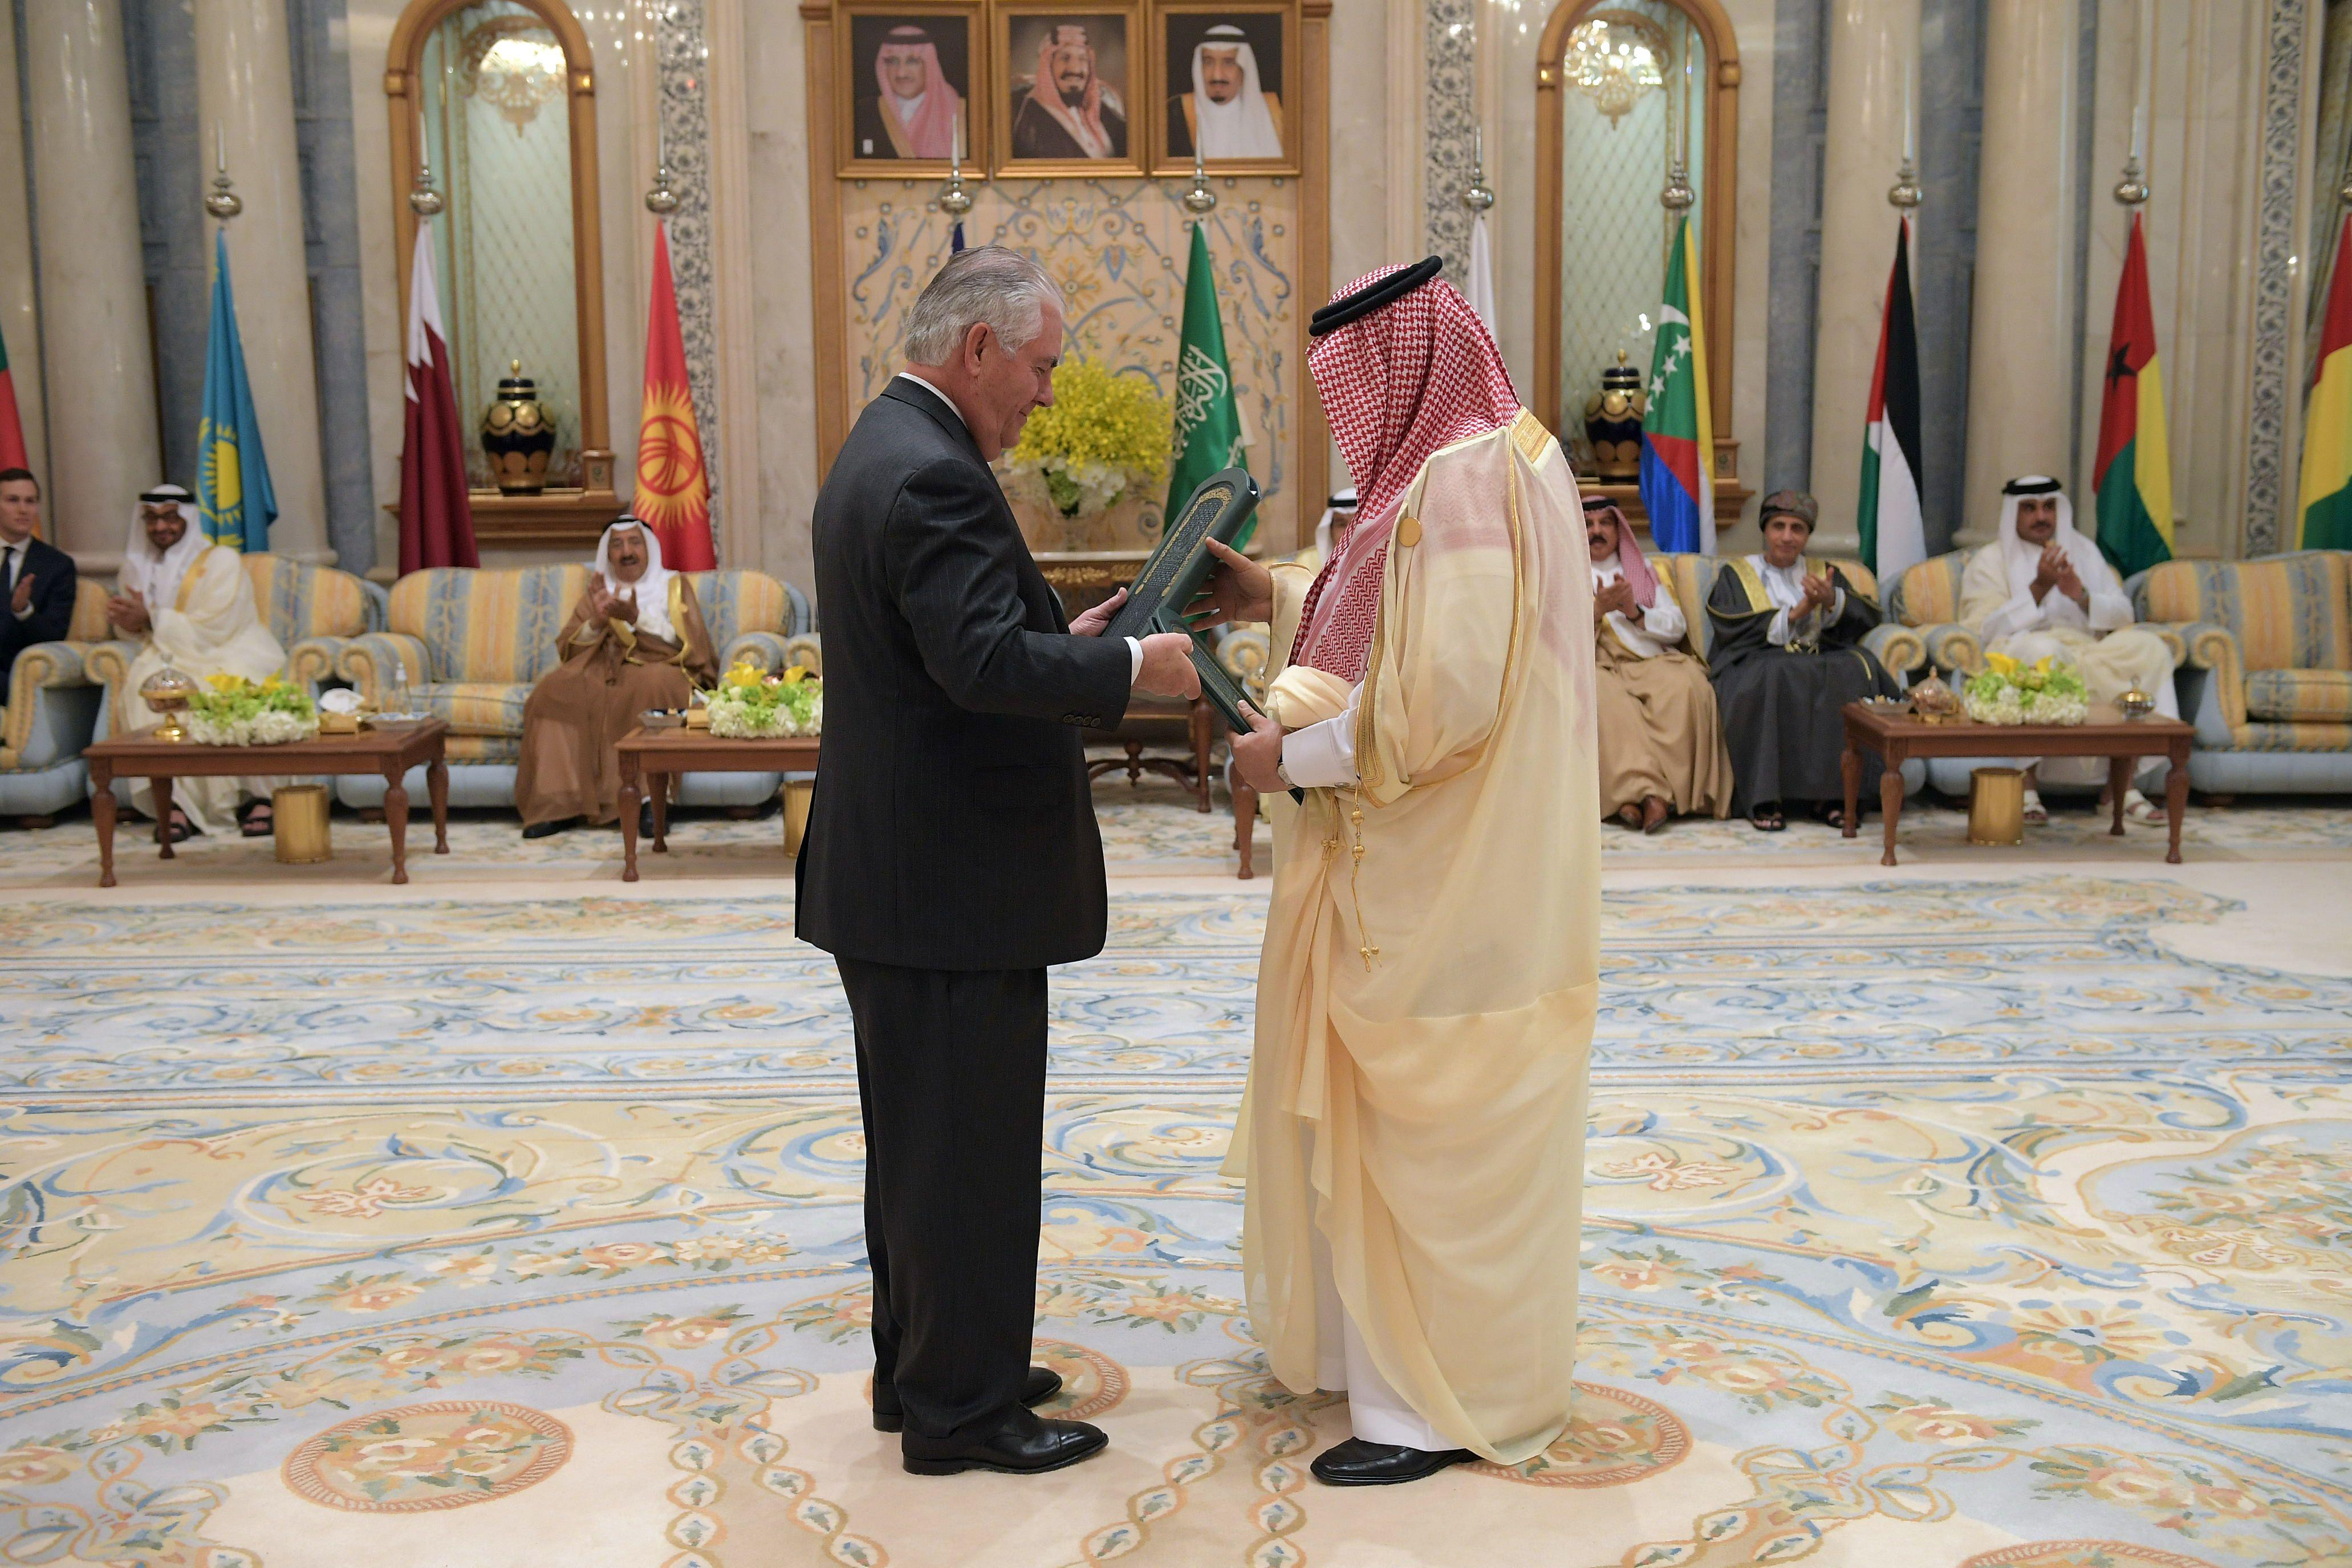 تلسم مذكرات التفاهم بين الأمير محمد بن نايف وتيلرسون